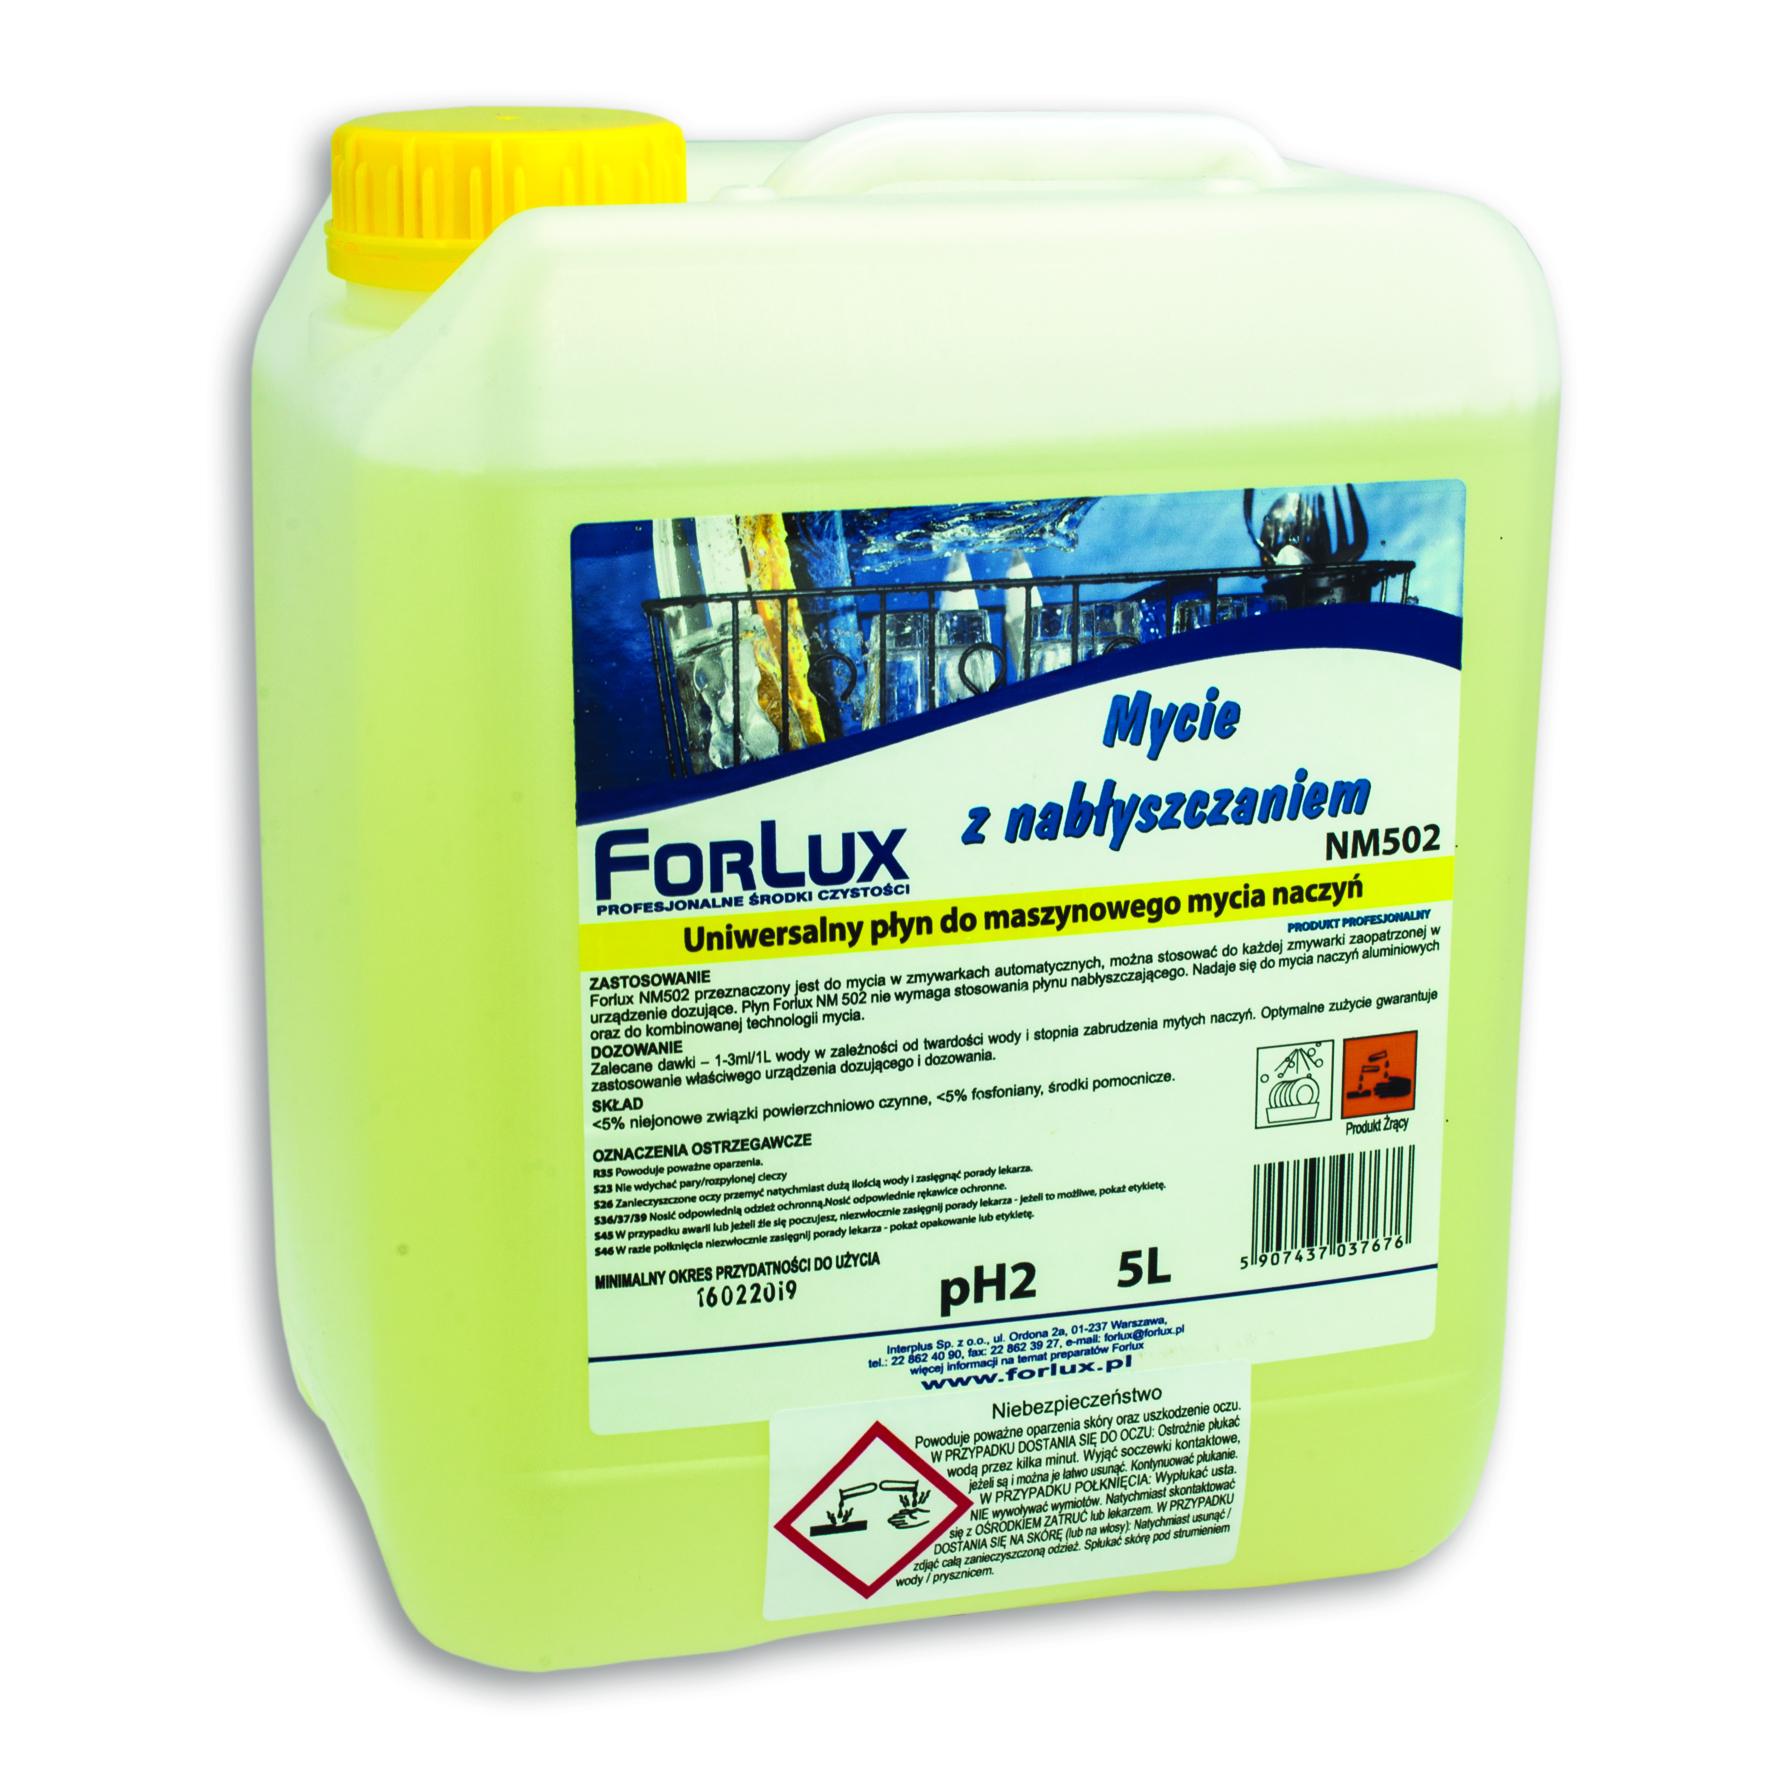 FORLUX NM 02 Maszynowe mycie naczyń z nabłyszczaniem